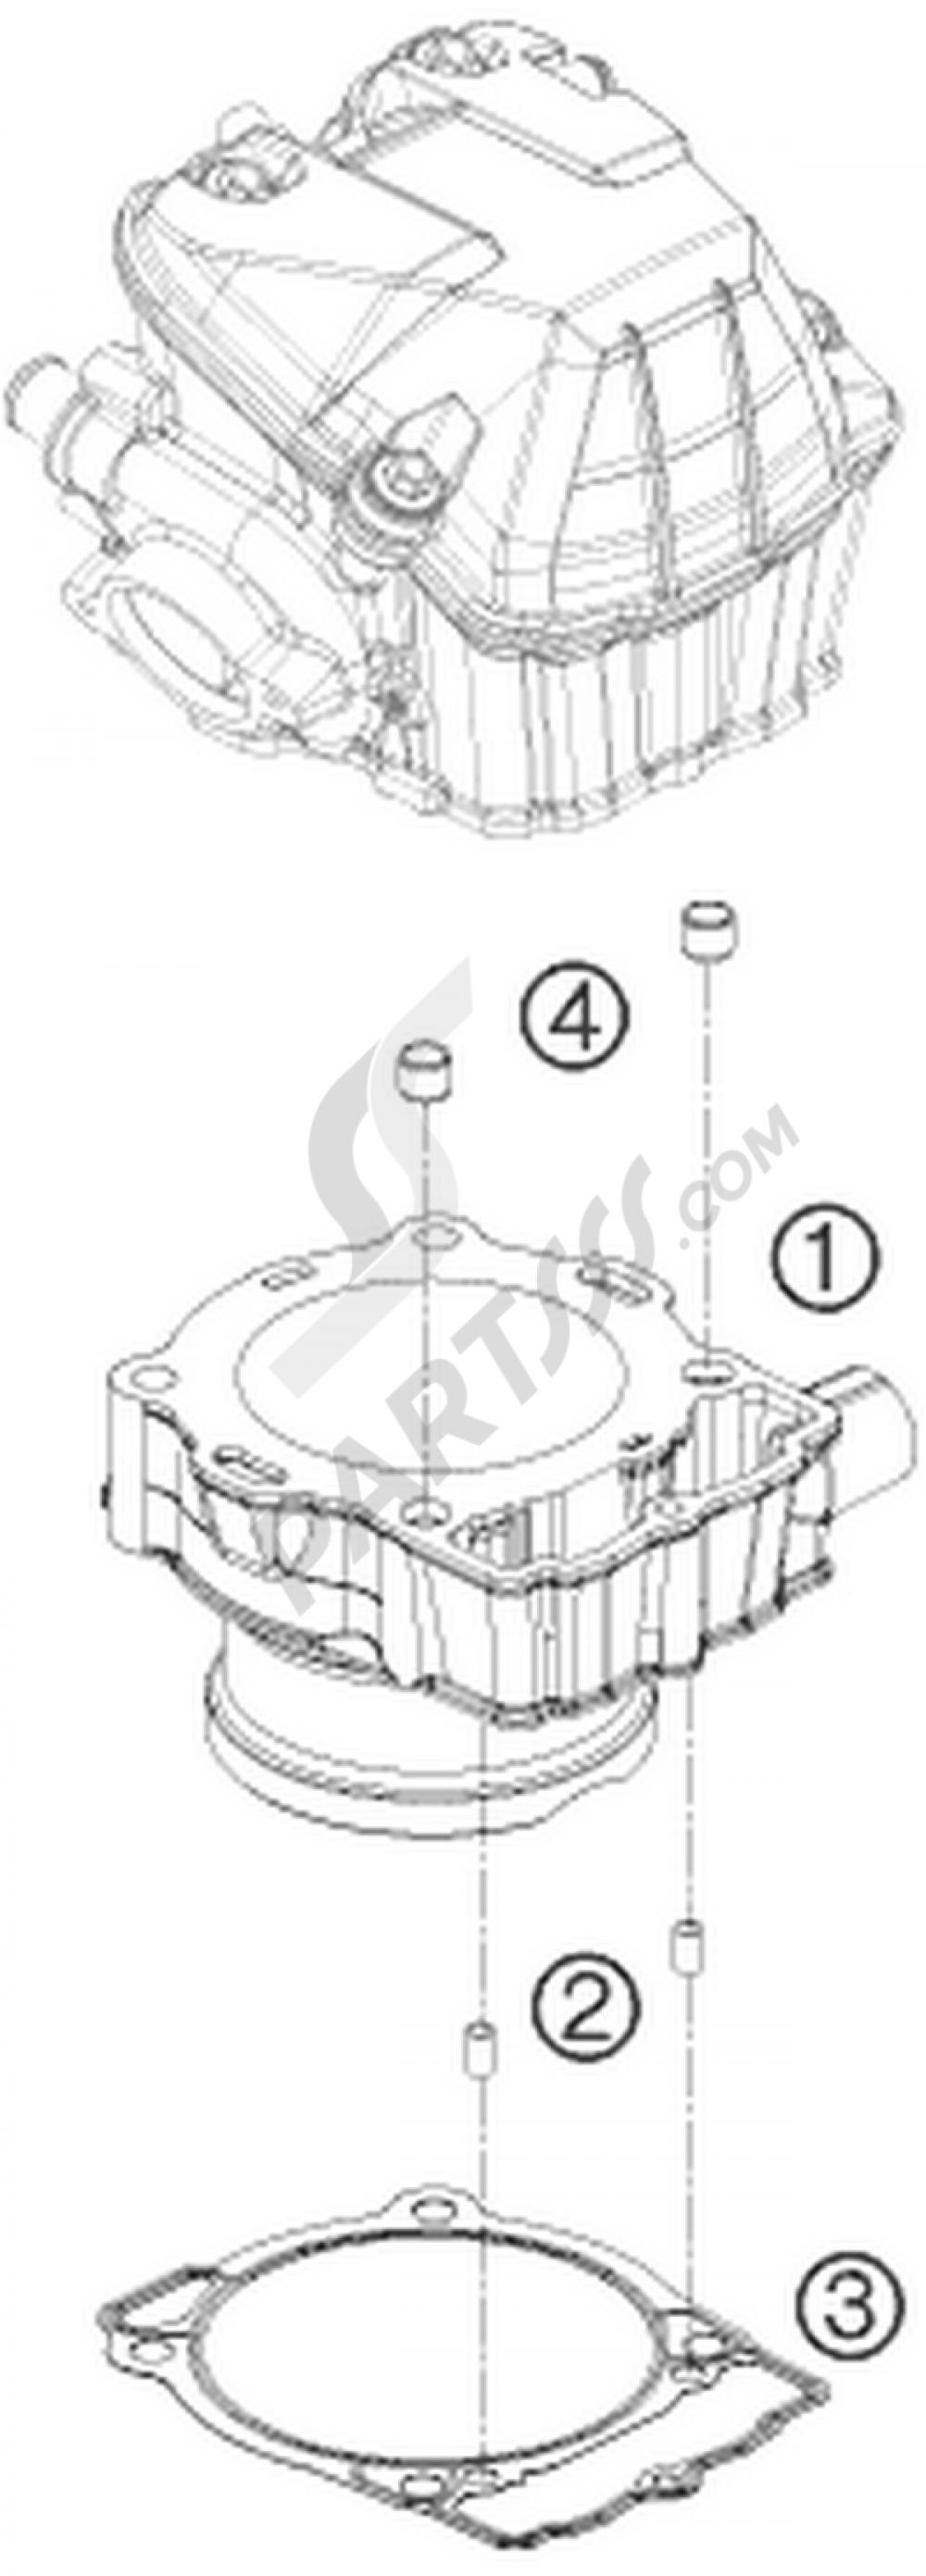 cylinder ktm 450 exc